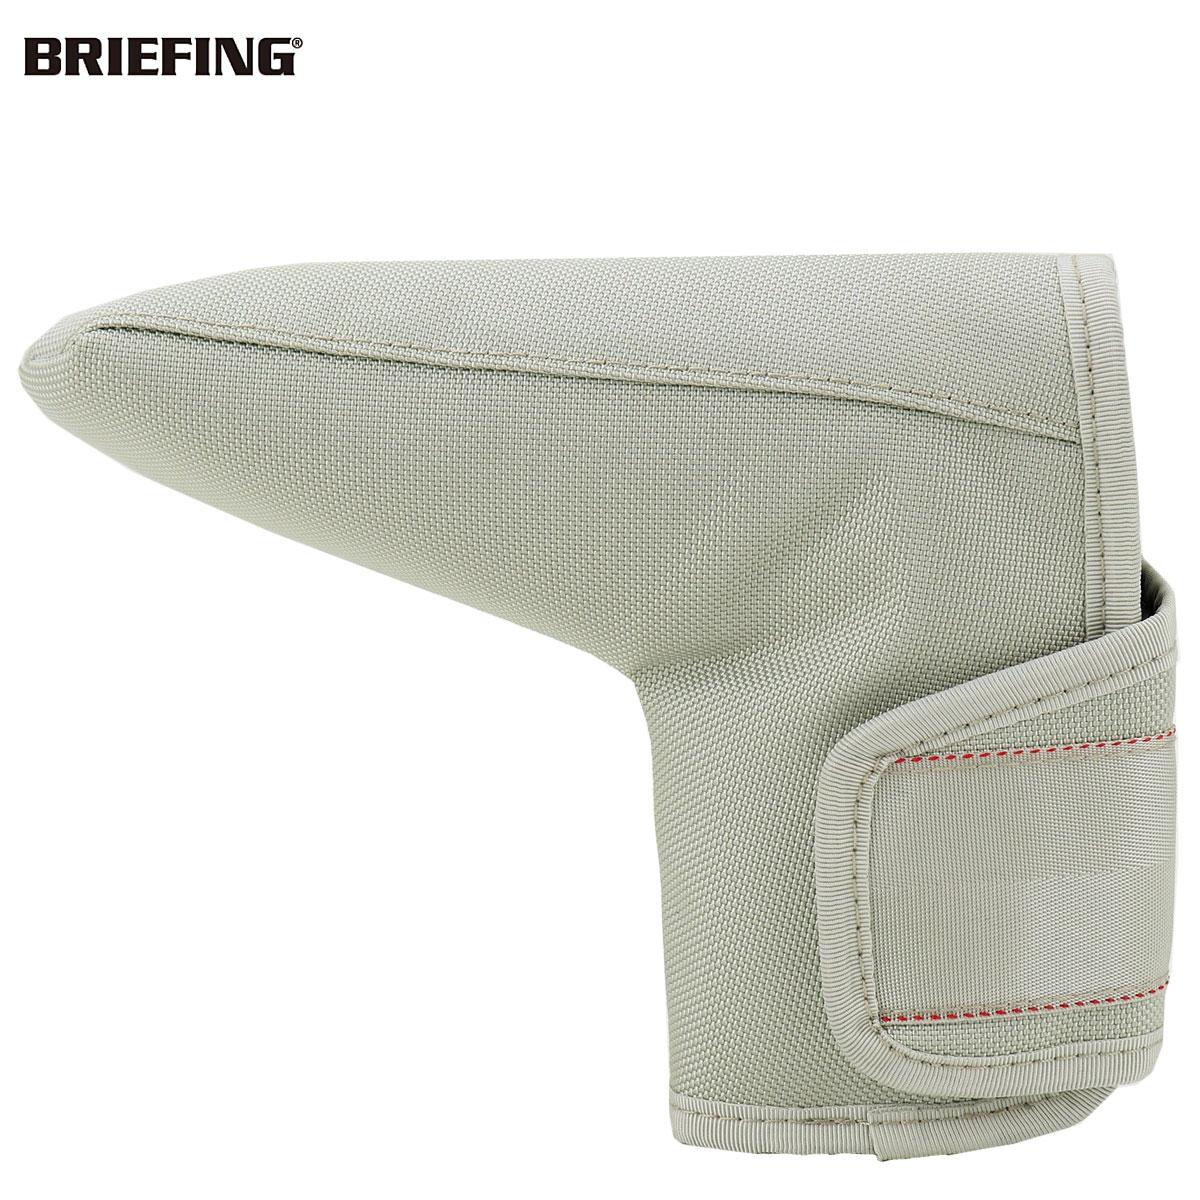 ブリーフィングゴルフ BRIEFING GOLF PUTTER COVER FILDLOCK AIR パターカバー PRO SERIES BRG203G14 BRG 006 SILVER(シルバー) 春夏新作